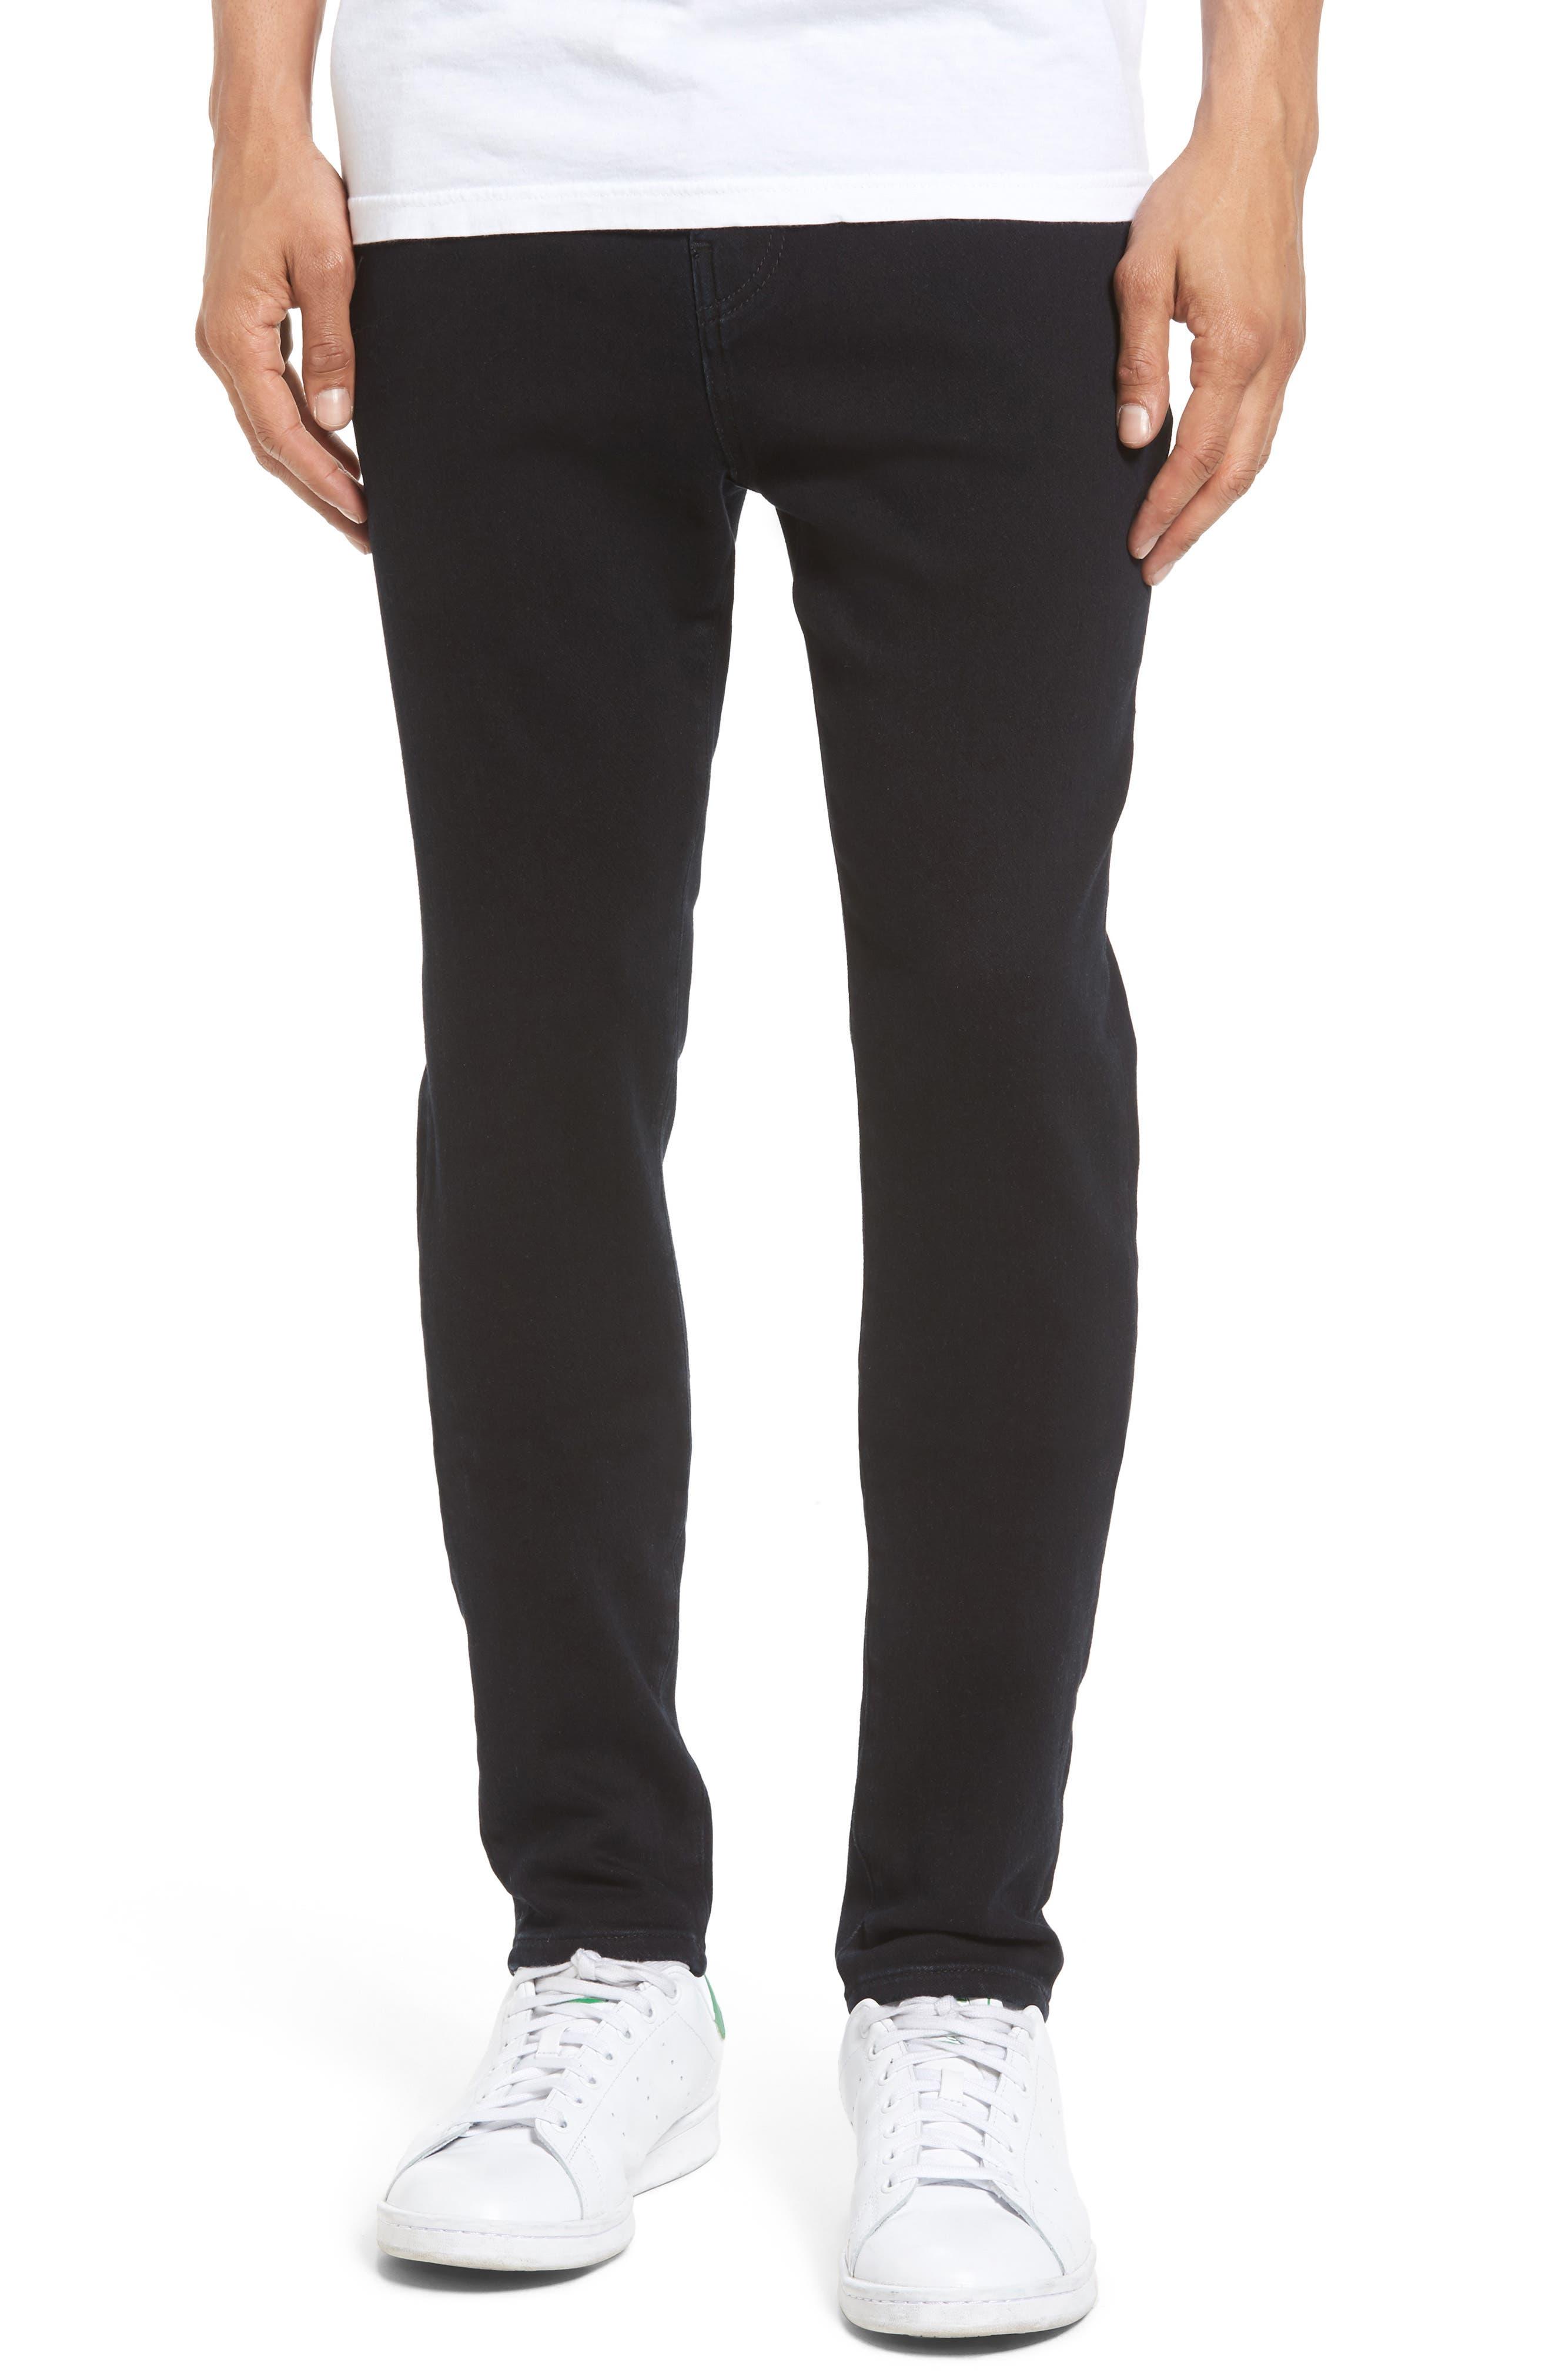 True Religion Brand Jeans Mick Overdye Runner Jeans